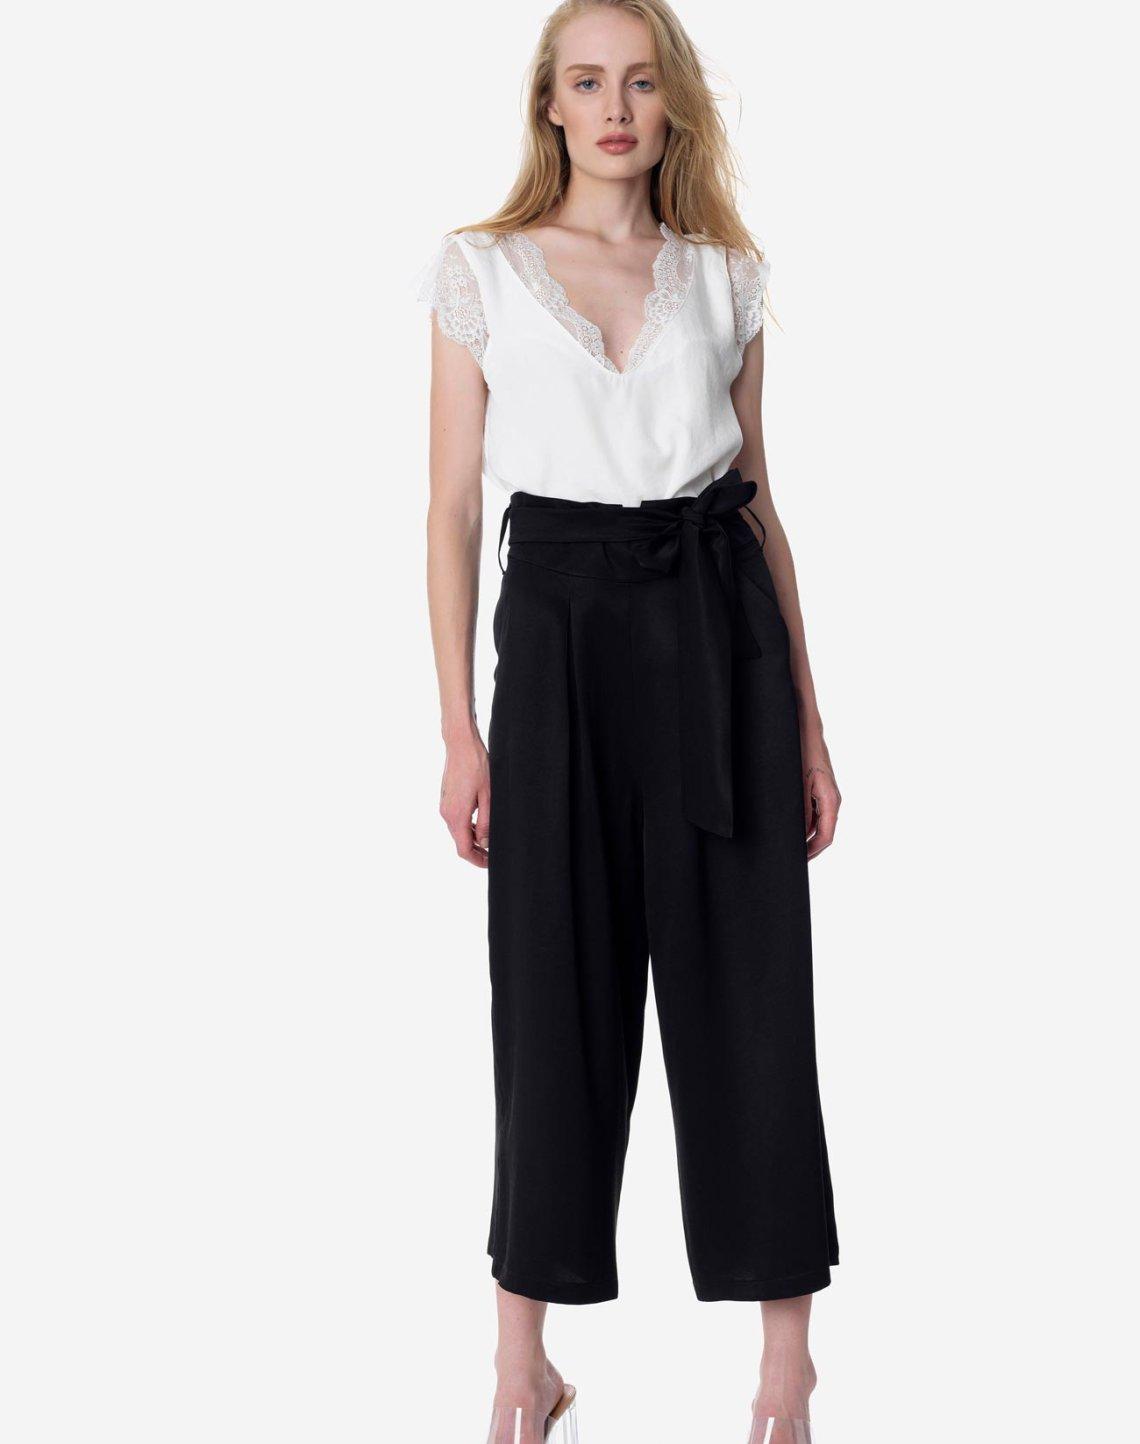 Παντελόνι culotte με πιέτες